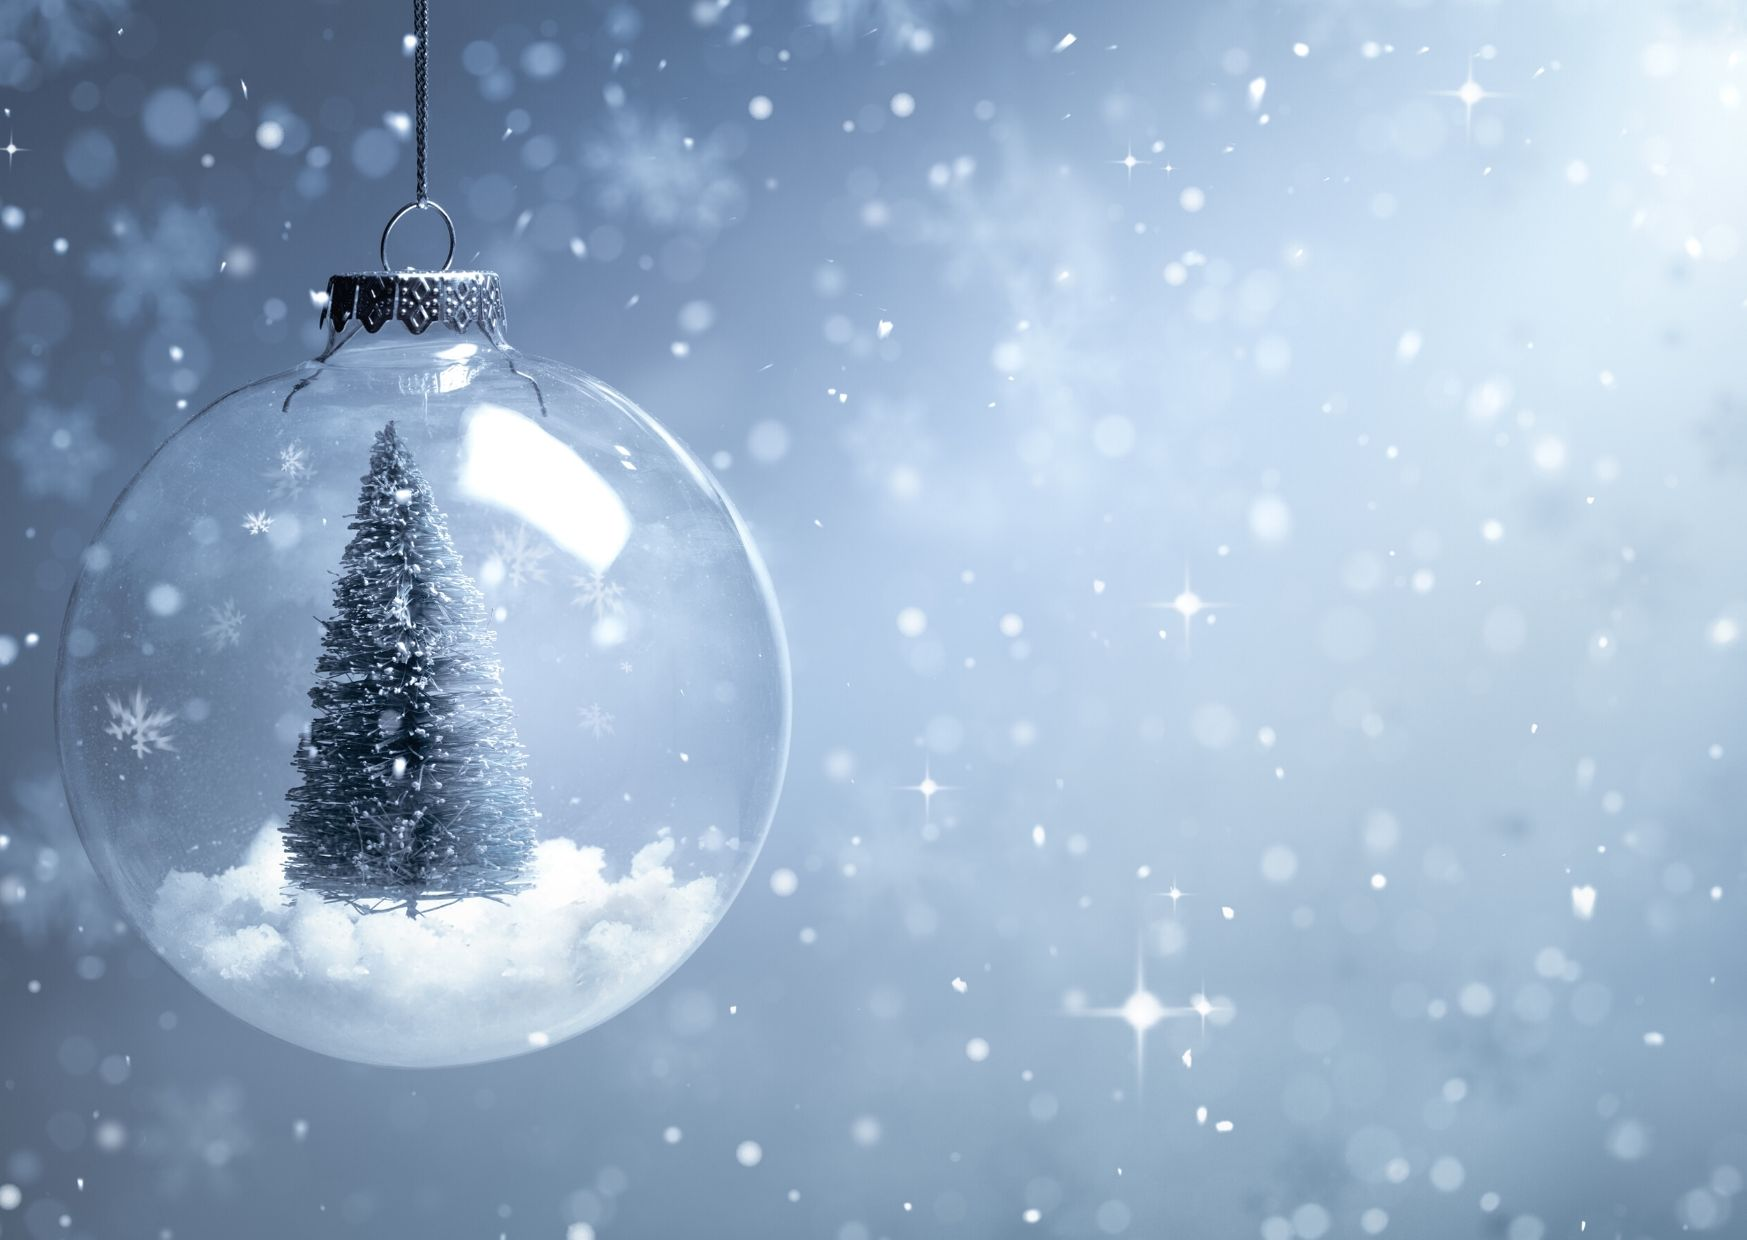 Bola de Navidad sobre fondo de nieve